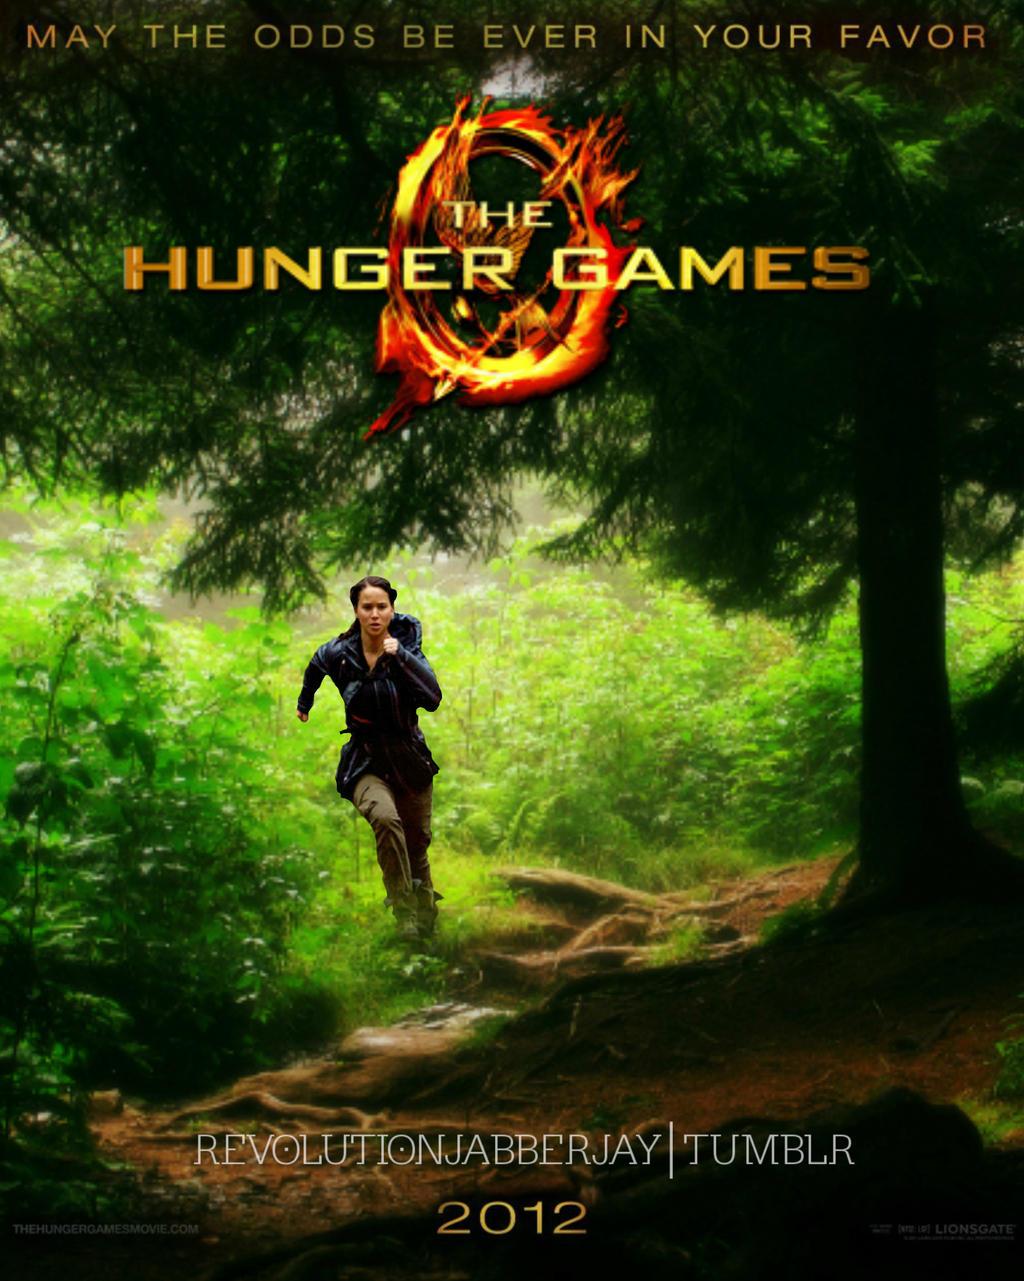 The Hunger Games Alternate Poster By Revolutionmockingjay On Deviantart